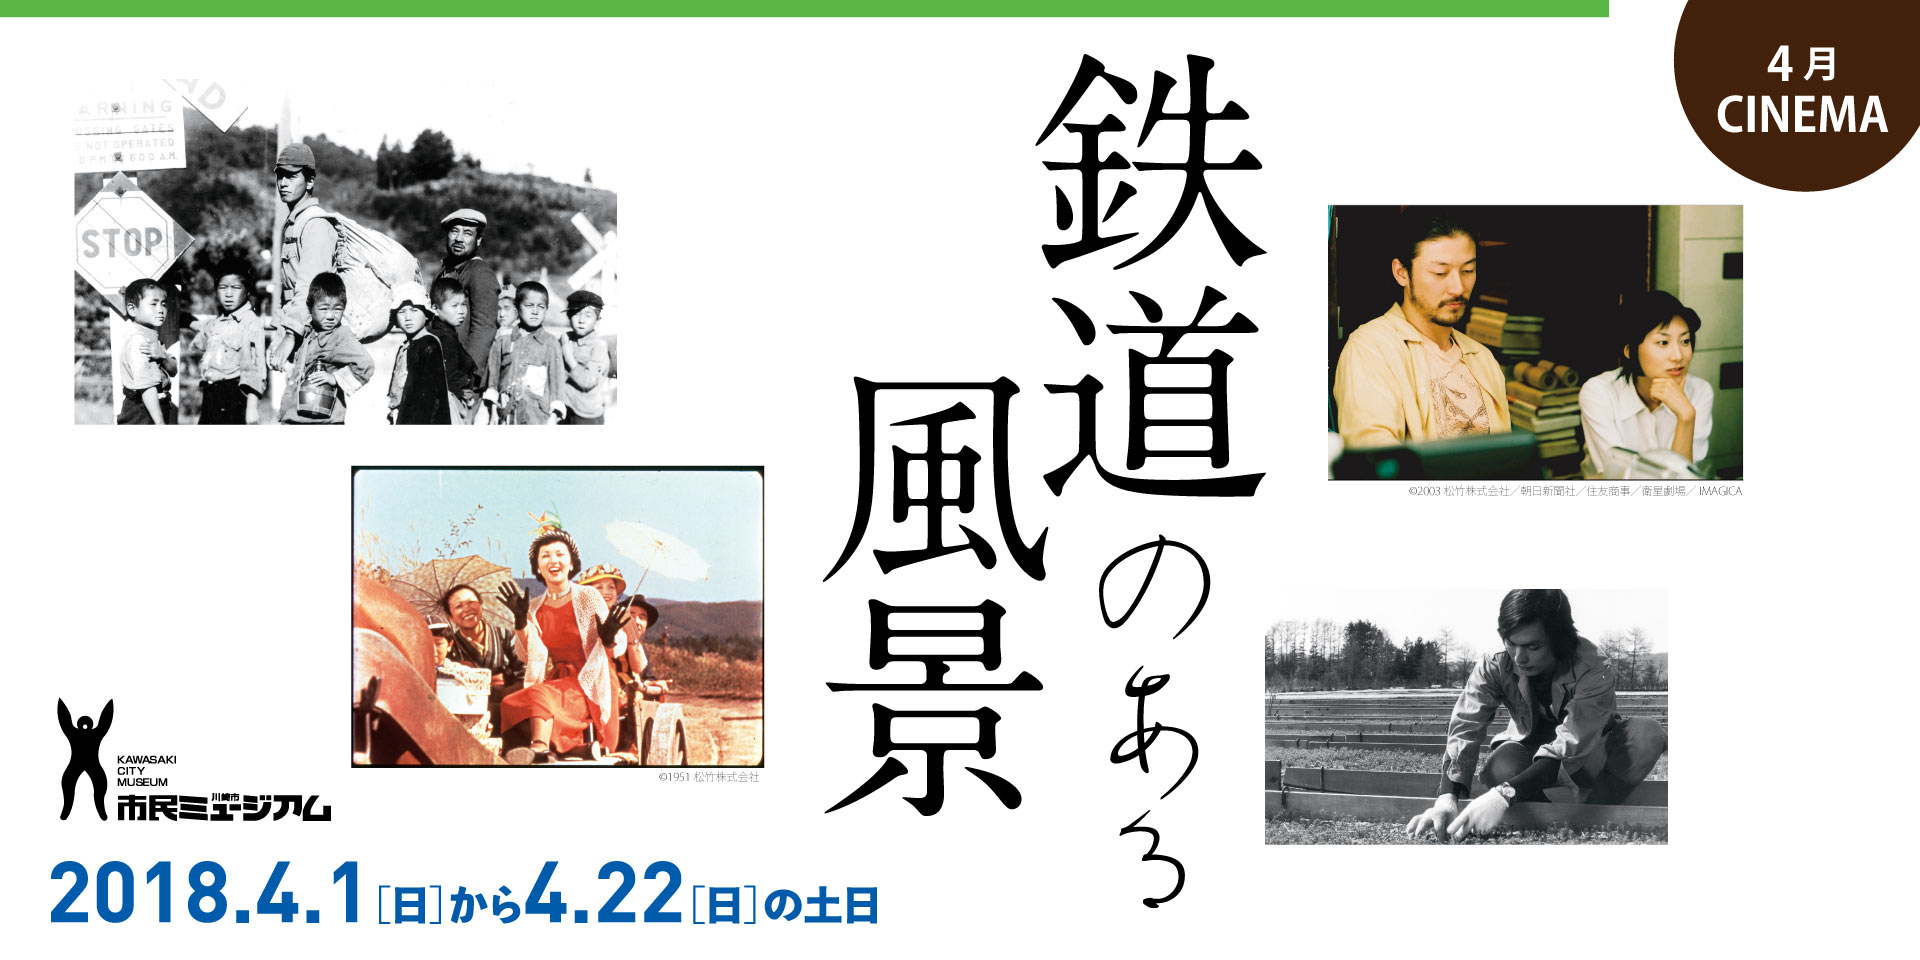 鉄道のある風景 ~中井精也 鉄道写真展連携上映~